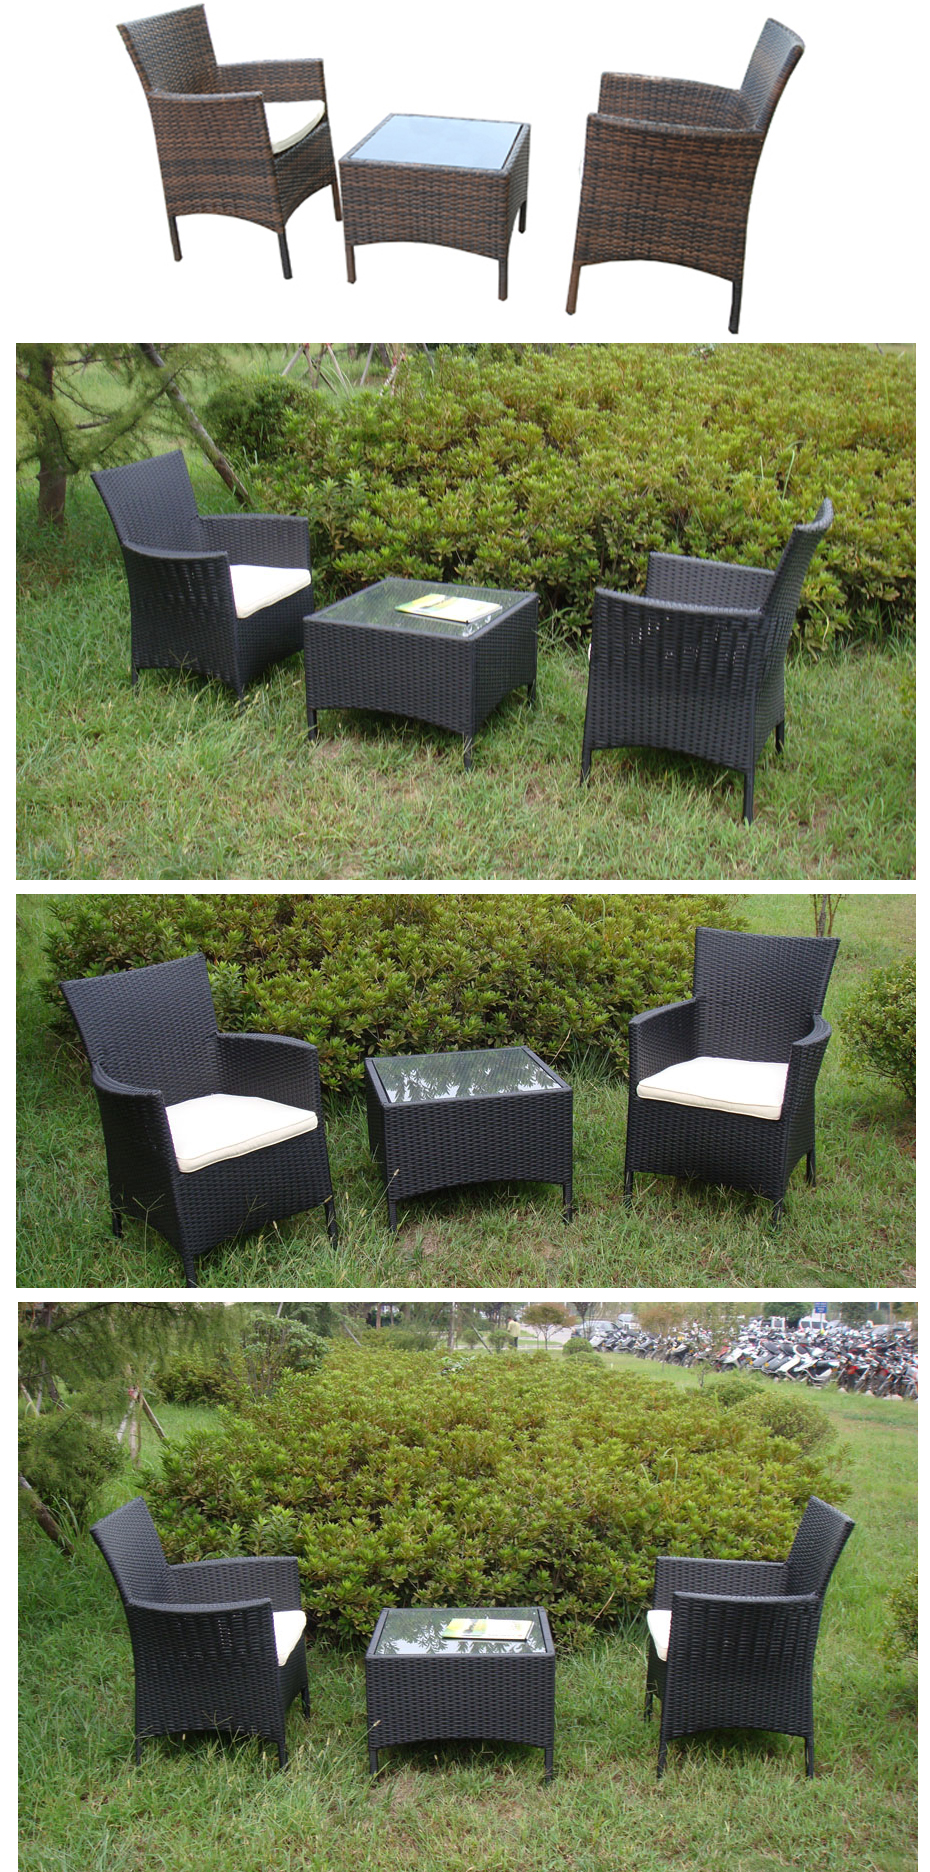 Meble Balkonowe Ogrodowe Składane Stolik 2 Krzesła Zdjęcie Pictures